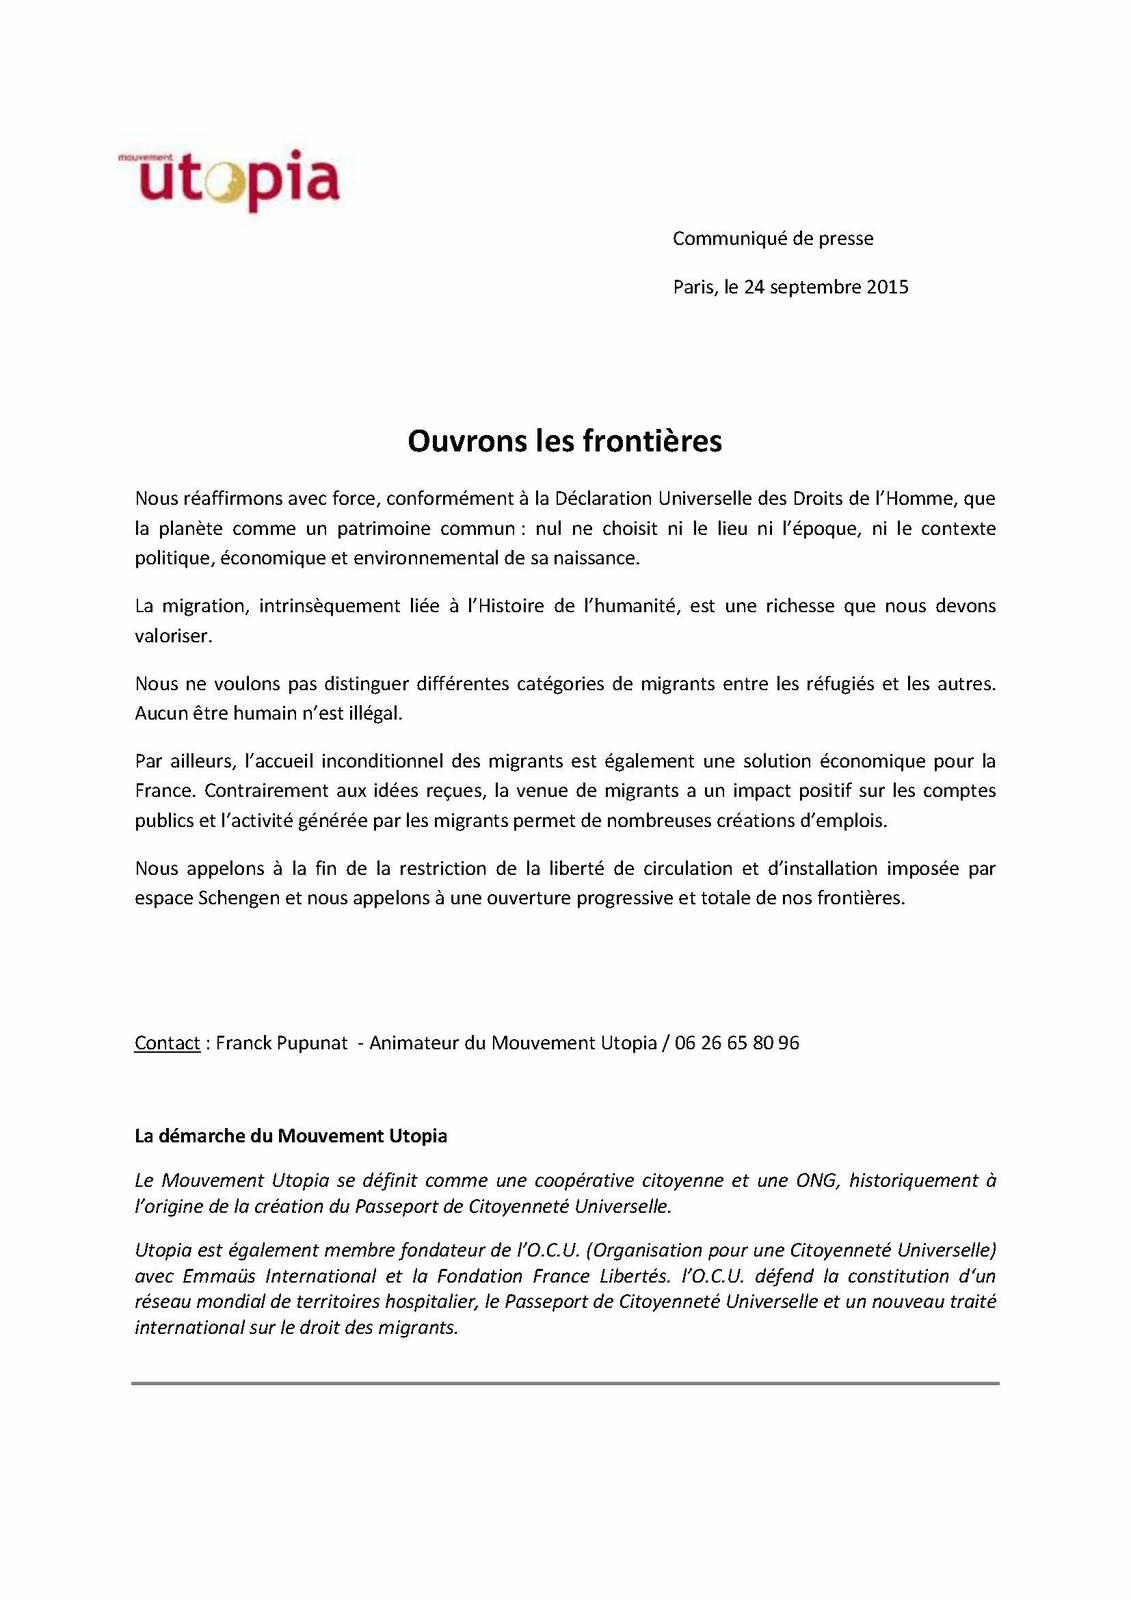 France: l'ONG Utopia appelle à l'ouverture des frontières